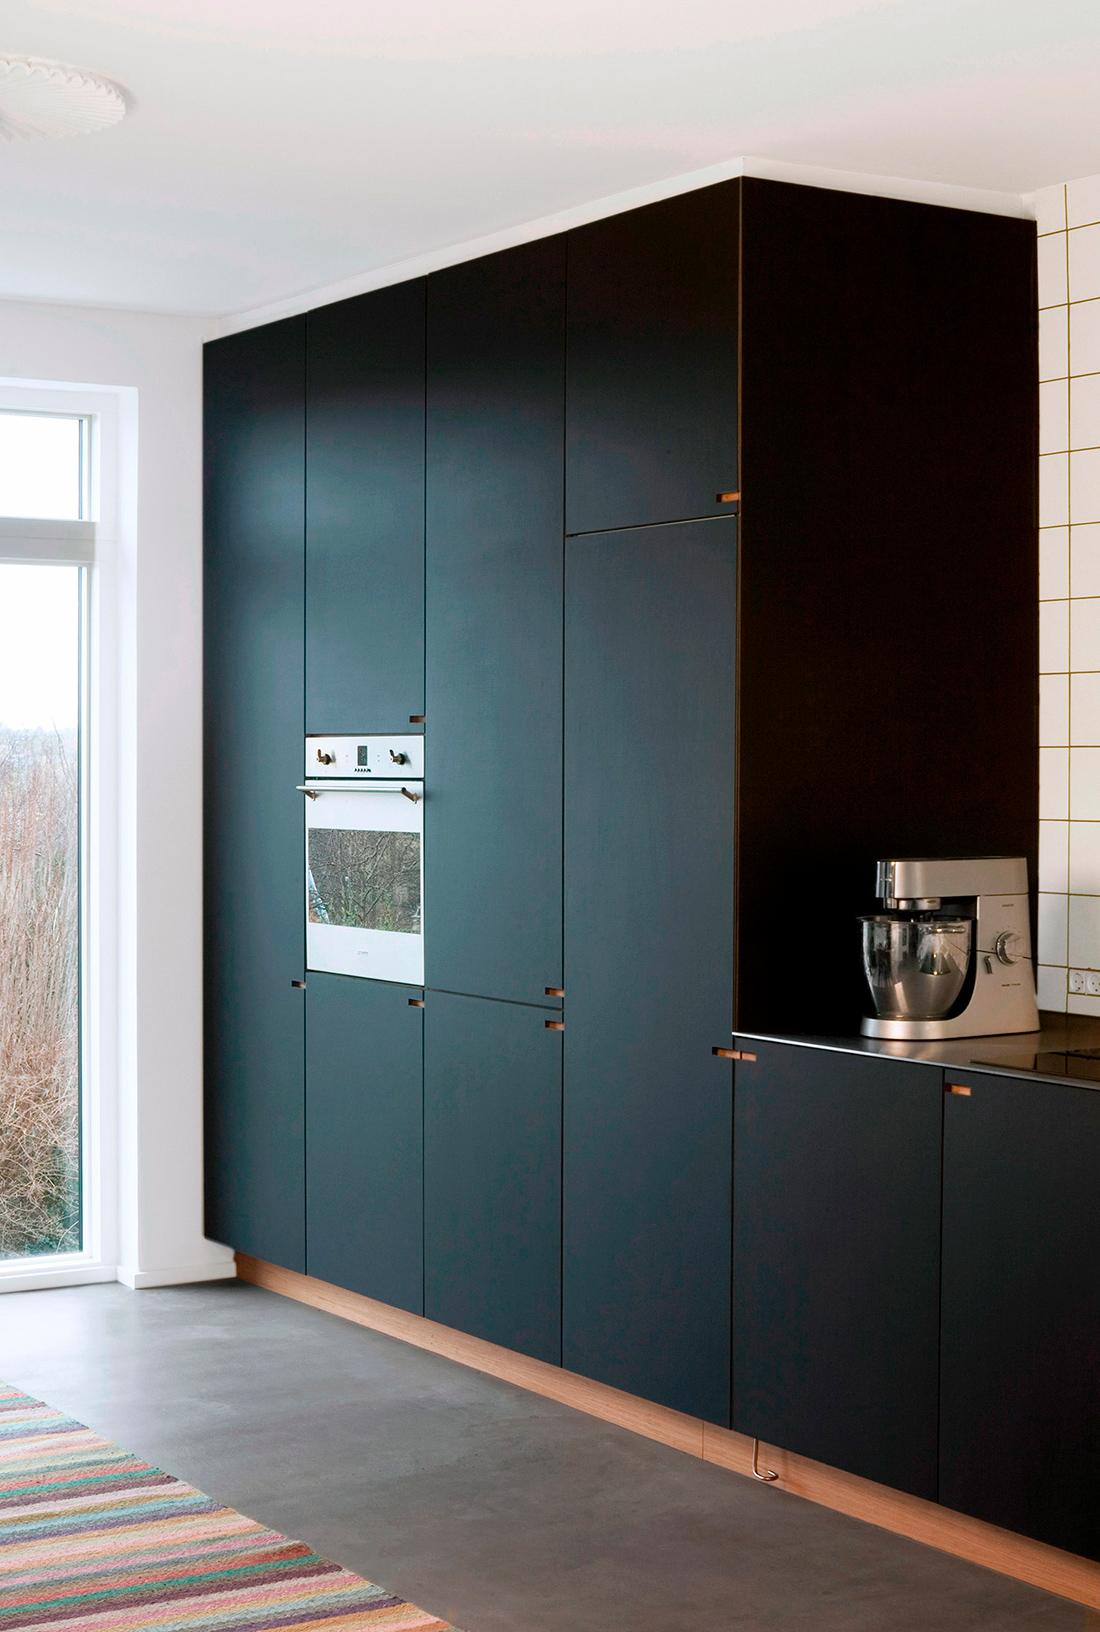 Snedkerkøkkenet Nebbegaardsbakken - designet og produceret af Nicolaj Bo, København